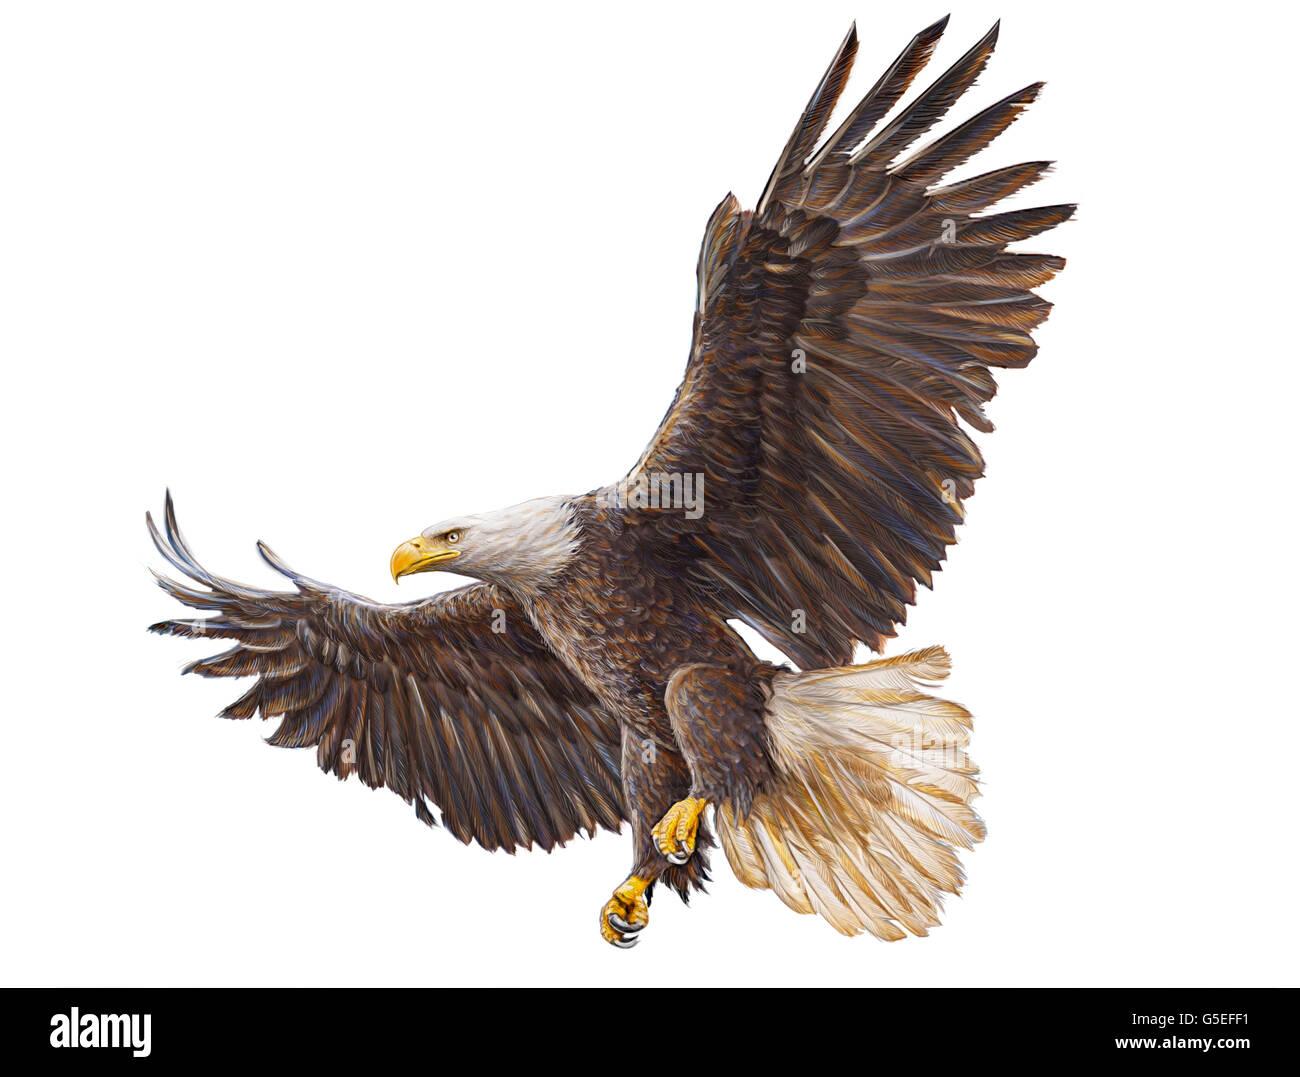 Águila calva mano dibujar y pintar color ilustración sobre fondo ...